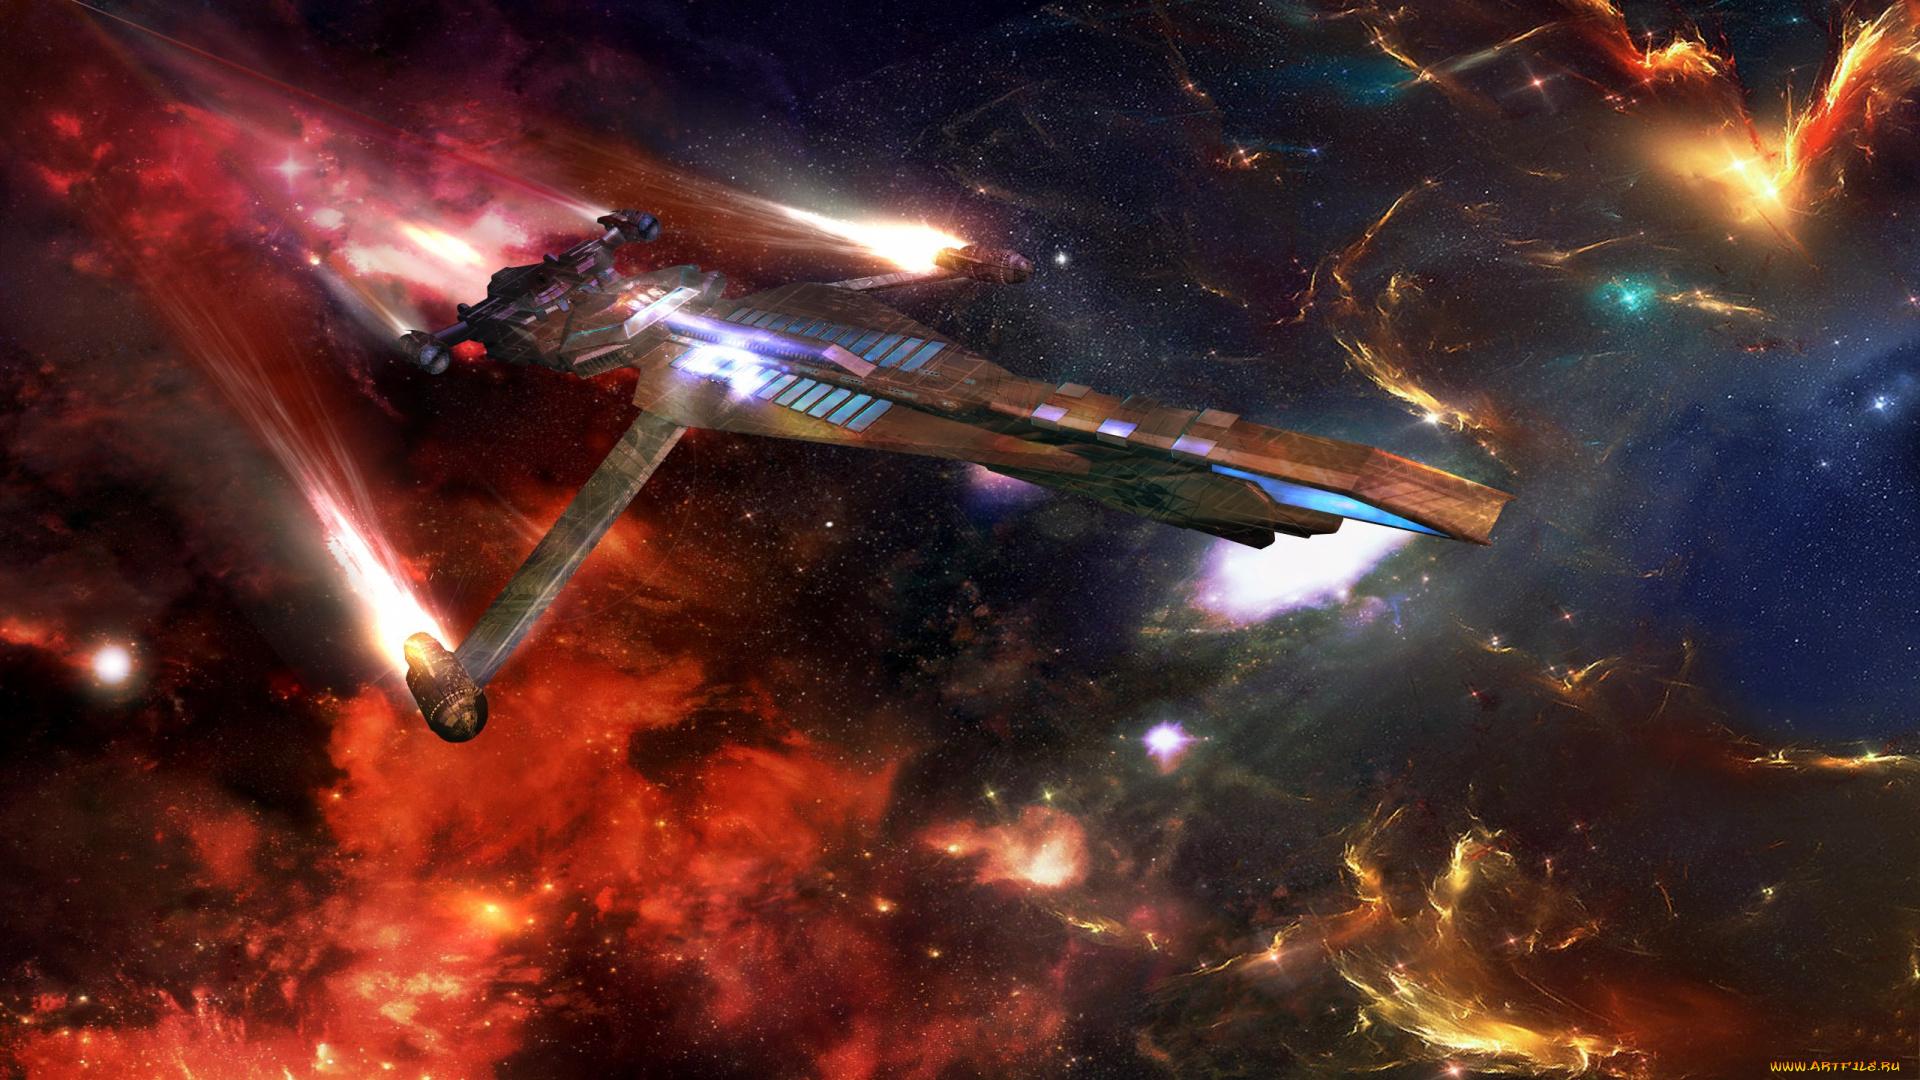 меня такой картинка с разными космическими кораблями ней